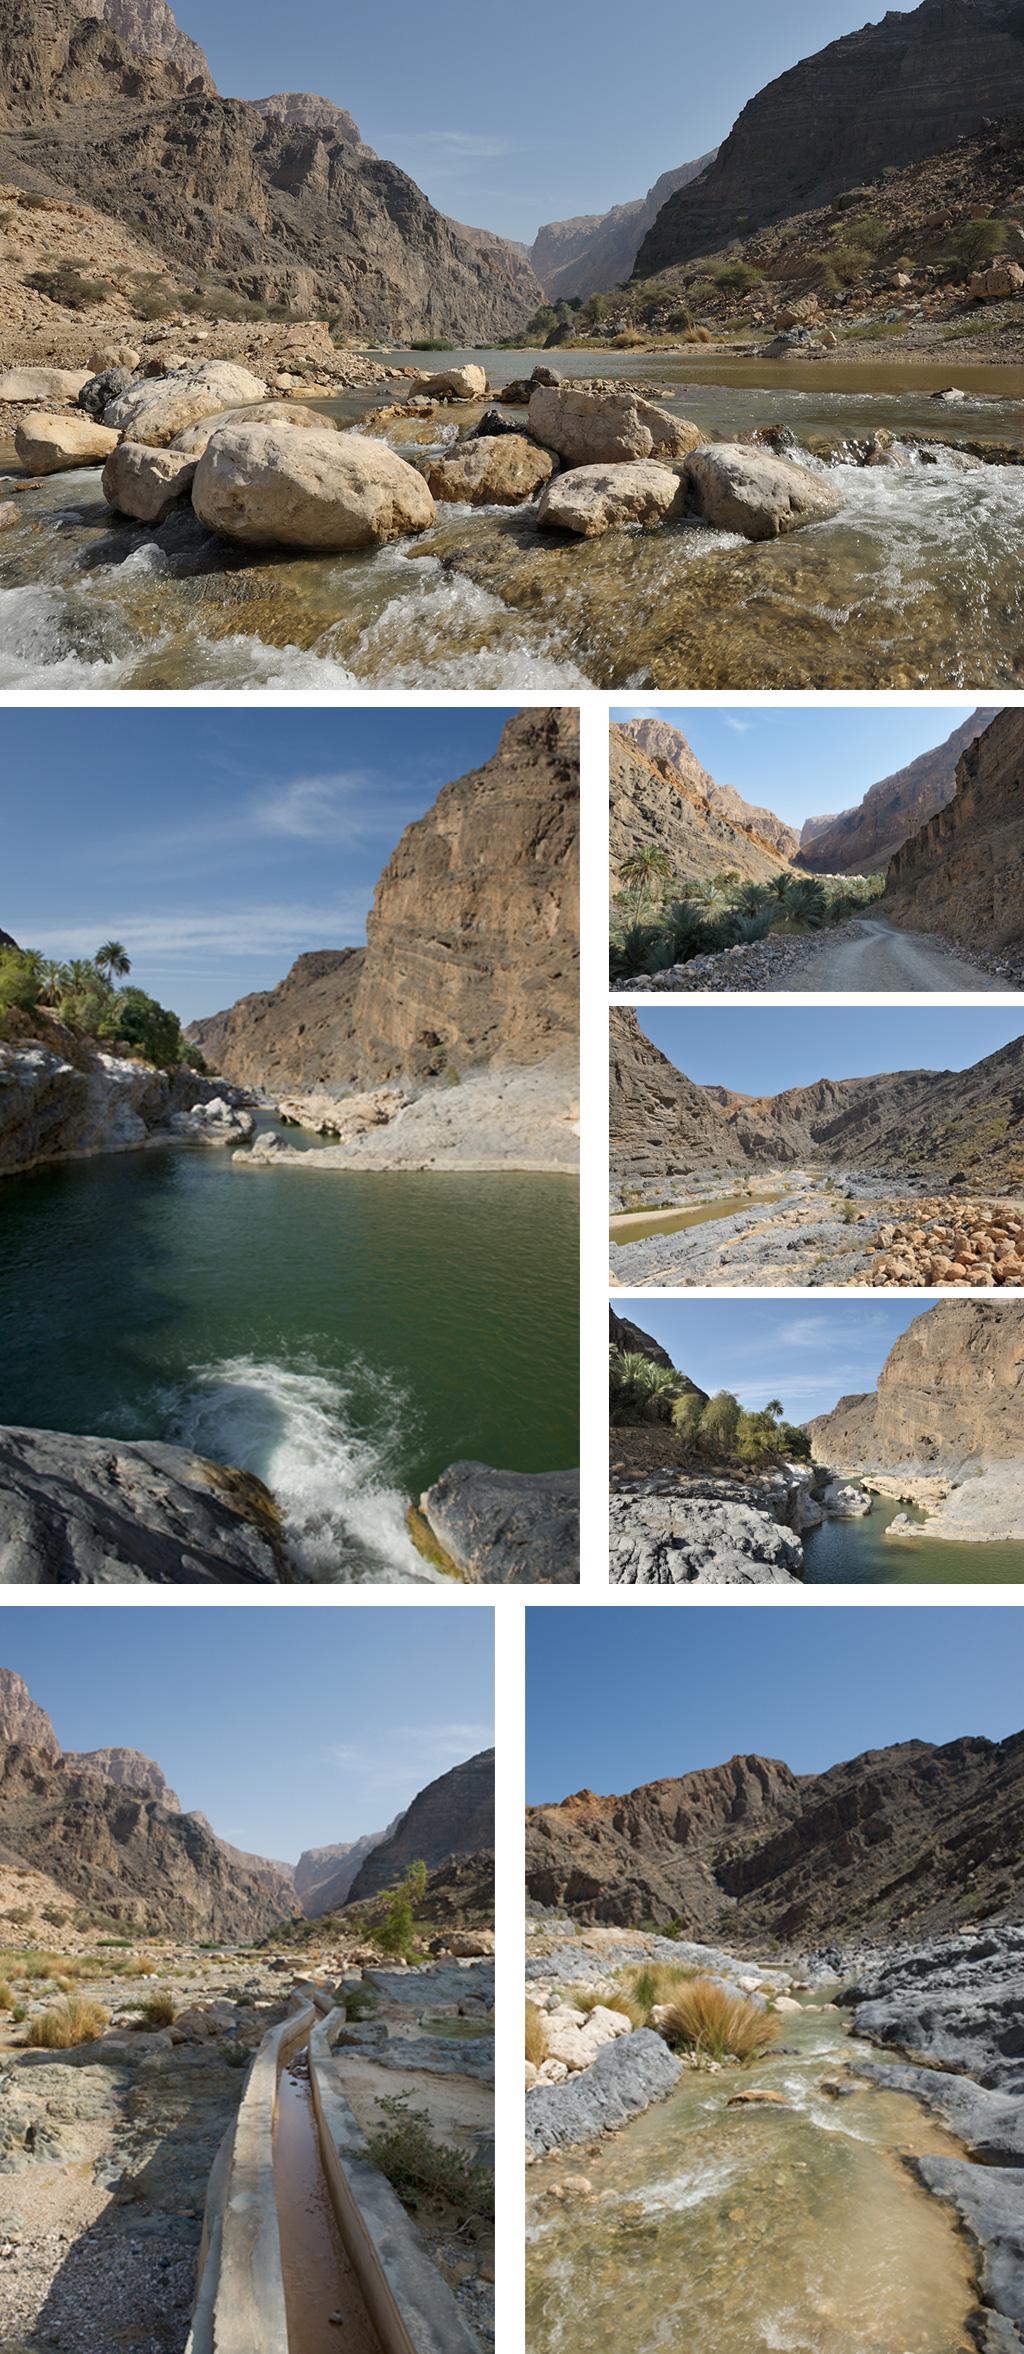 Wadi al Abriyyin